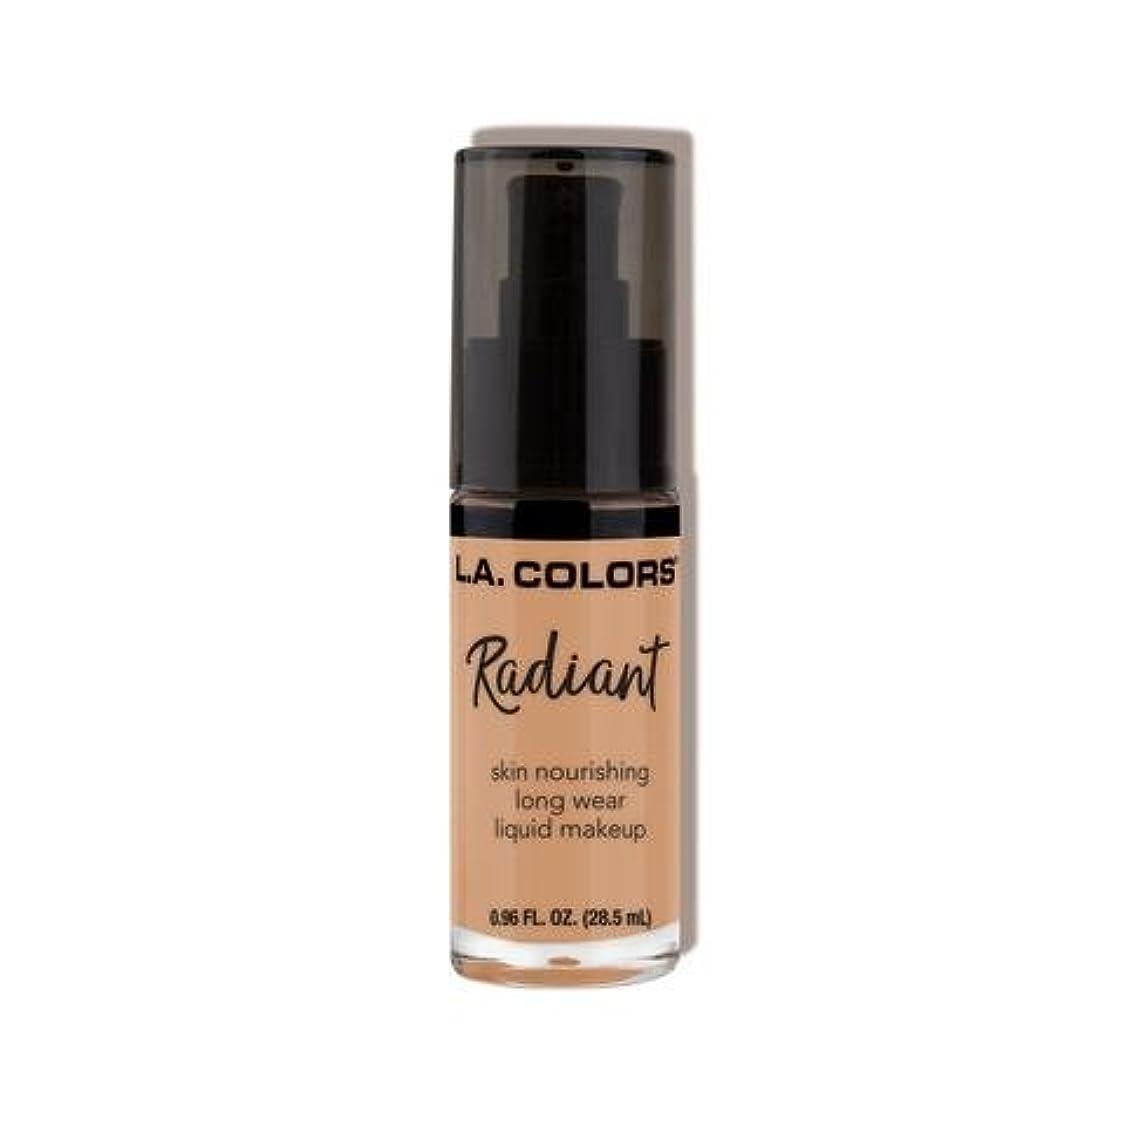 お酢増加する飾る(6 Pack) L.A. COLORS Radiant Liquid Makeup - Light Tan (並行輸入品)